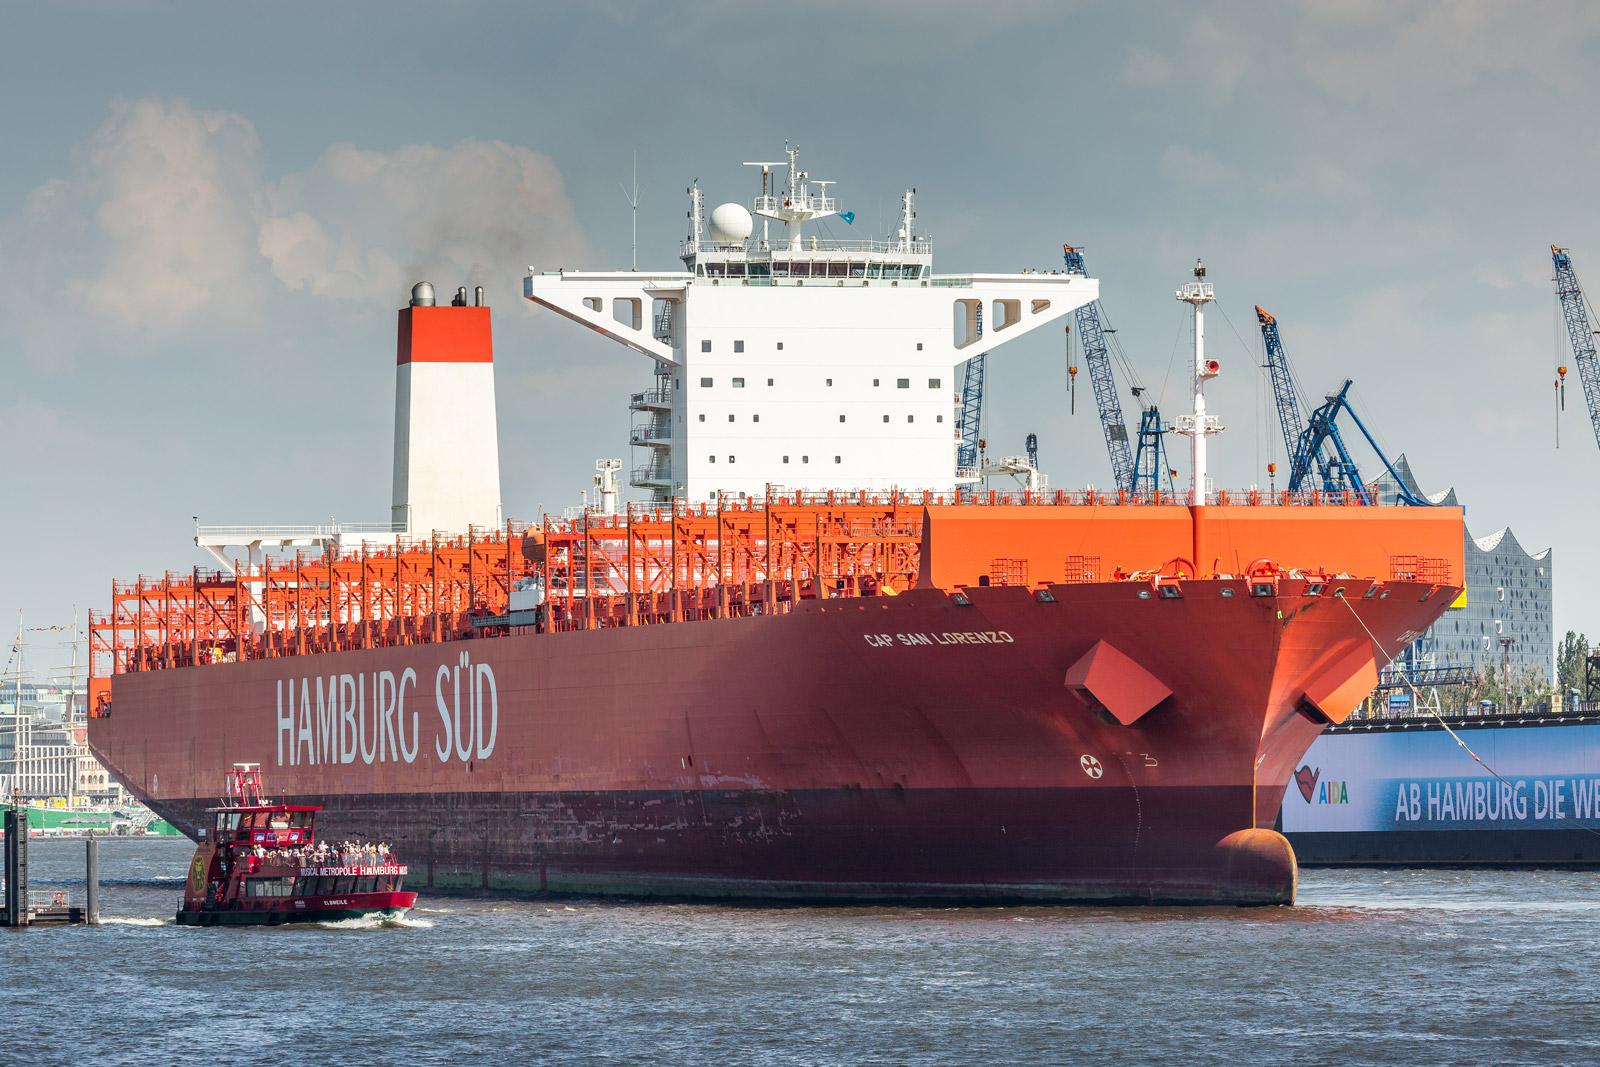 Containerschiff von Hamburg Süd im Hamburger hafen